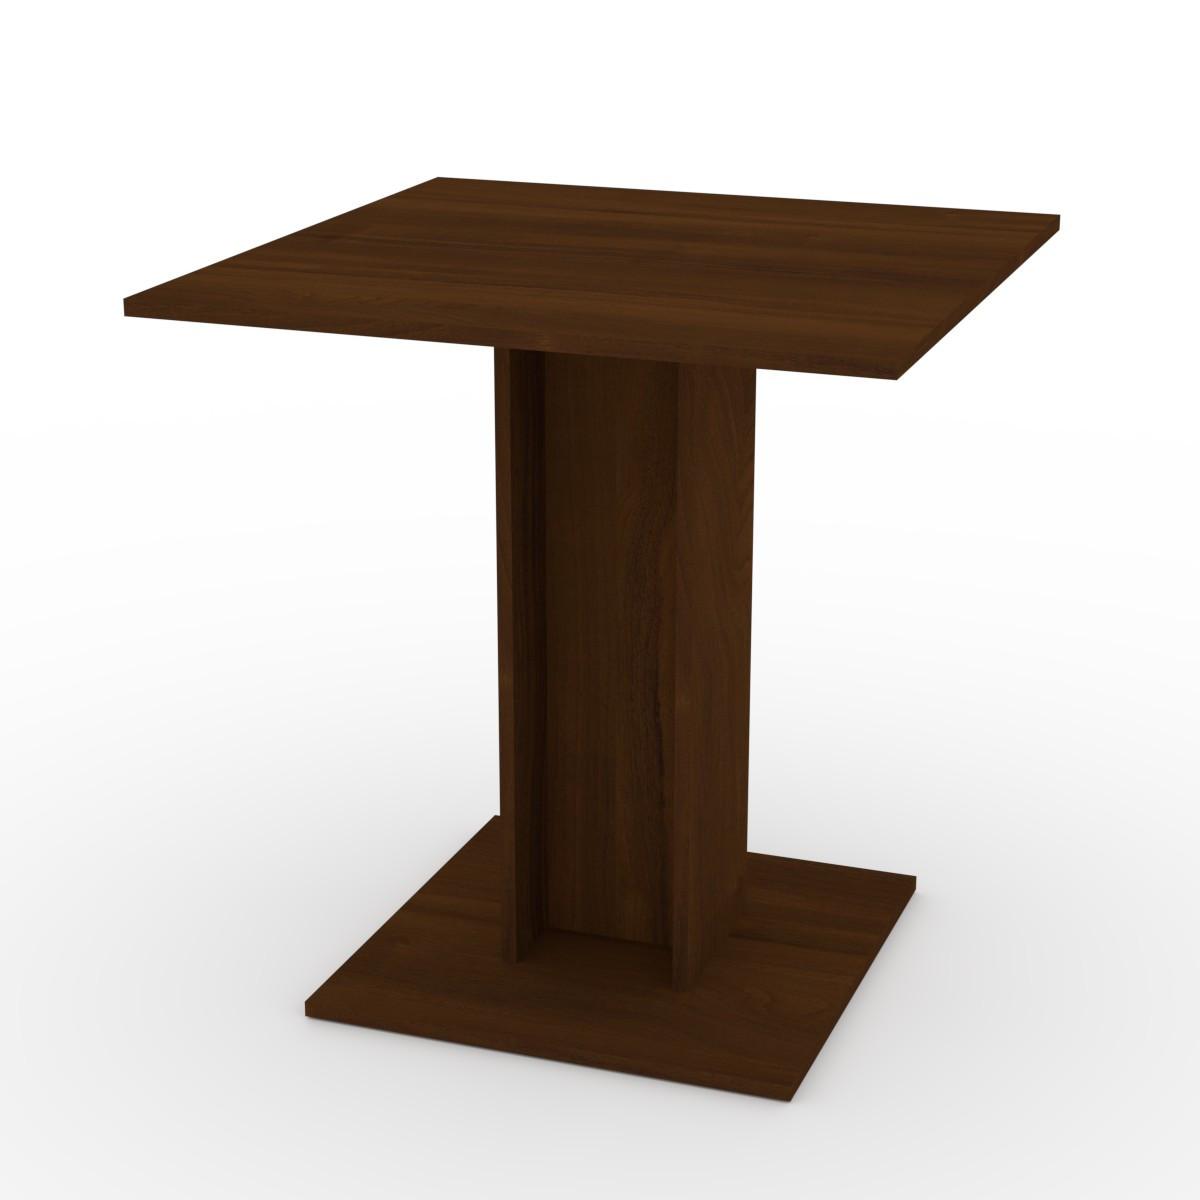 Стол кухонный КС-7 орех экко Компанит (70х70х74 см)